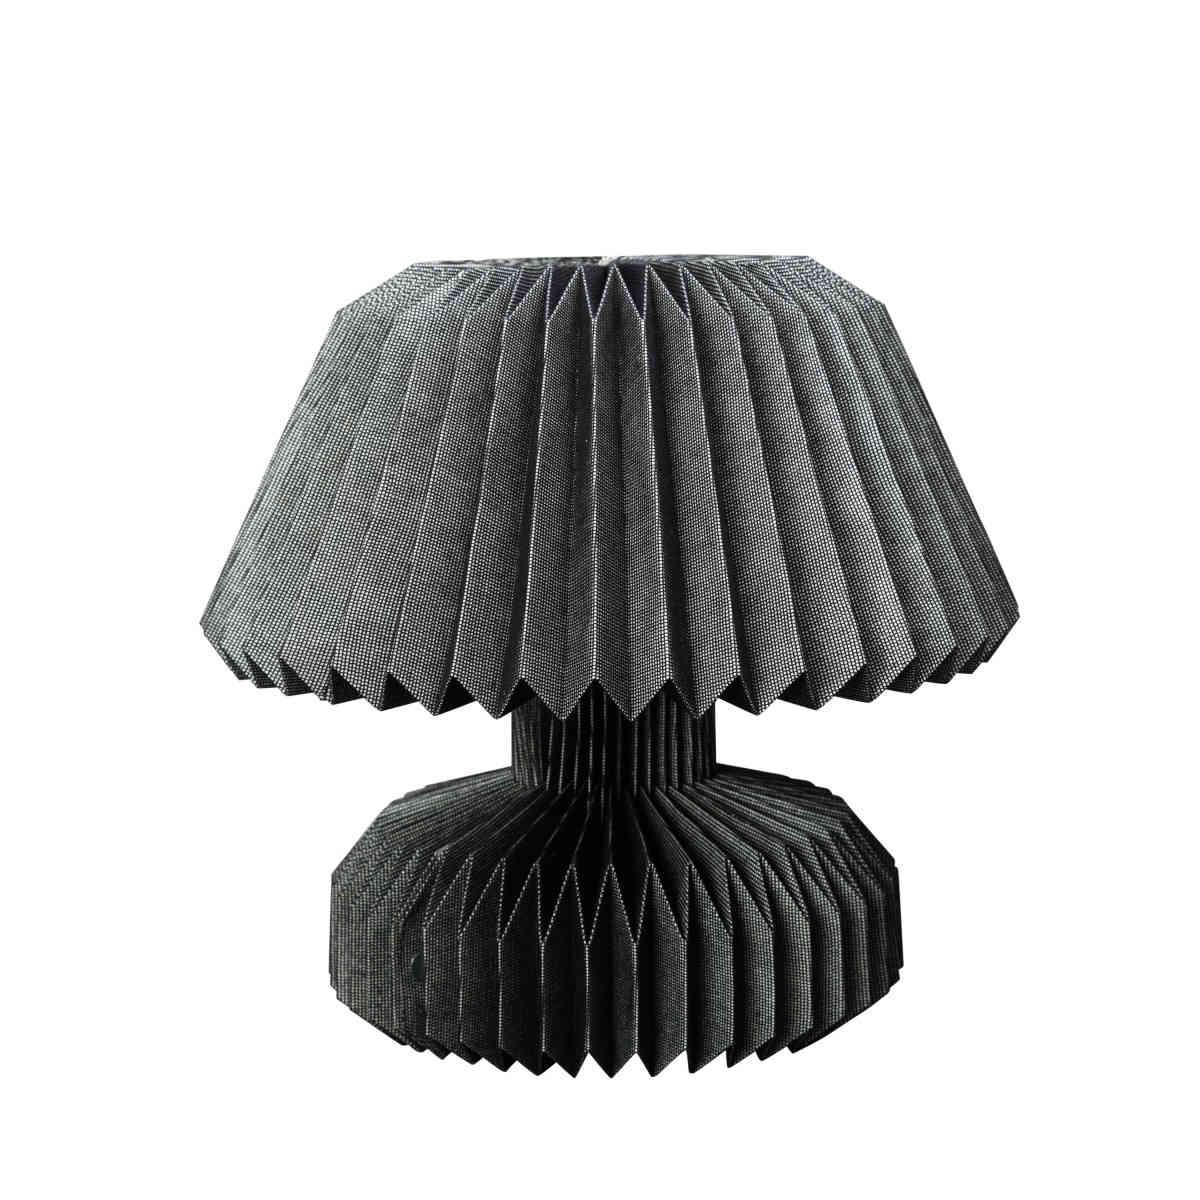 Fantastisk By On Bordslampa Hensi Lampa från ByOn Belysning & Lampor Online AY-58